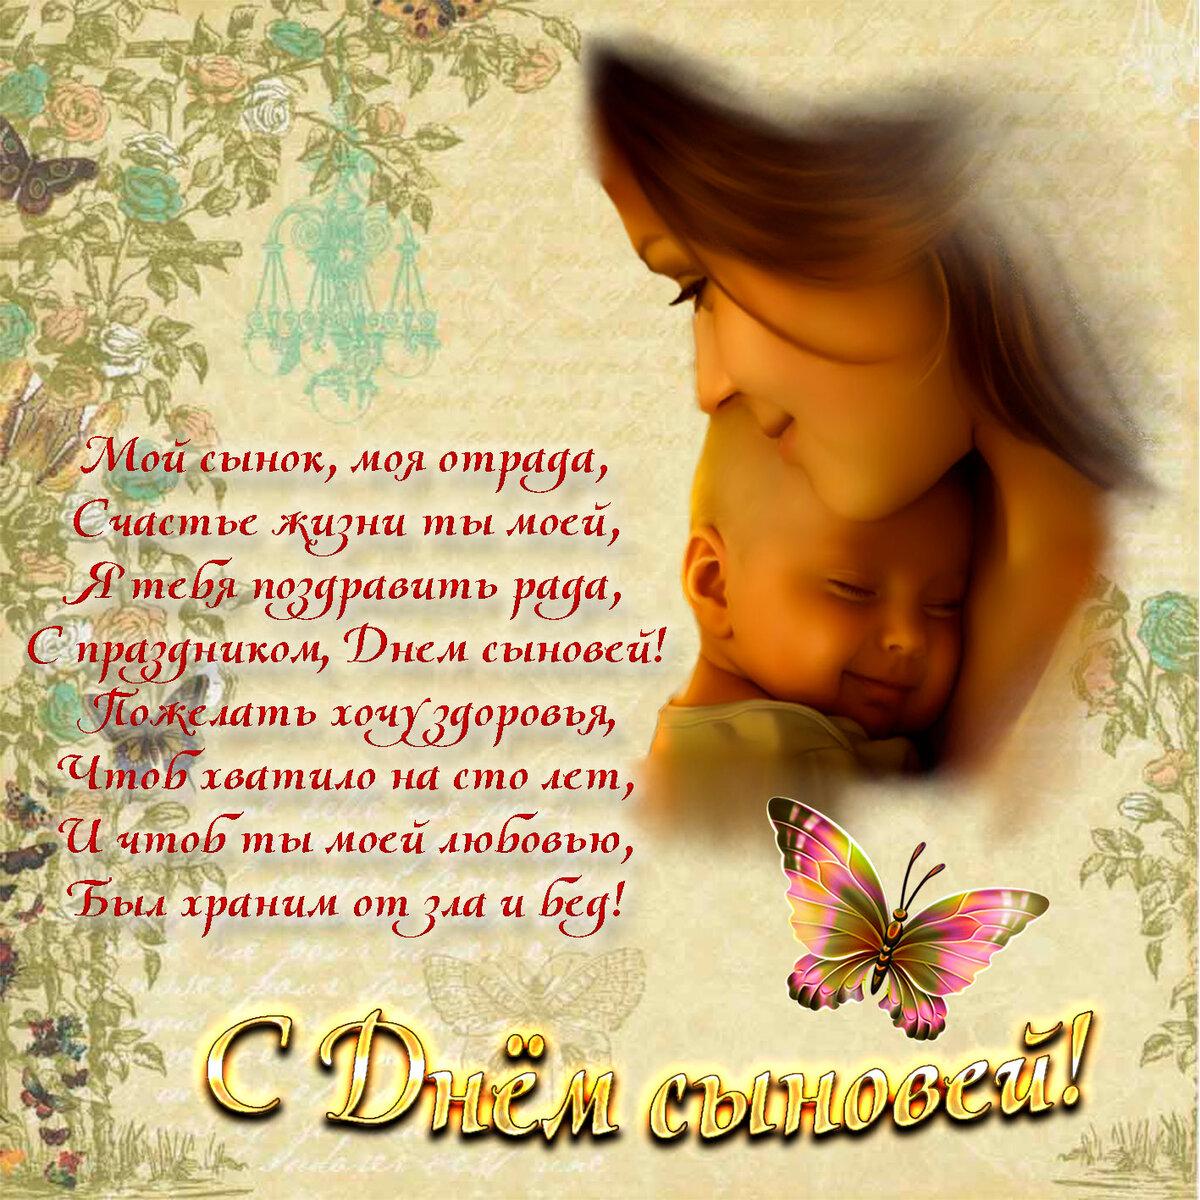 Поздравления матери от сына в стихах